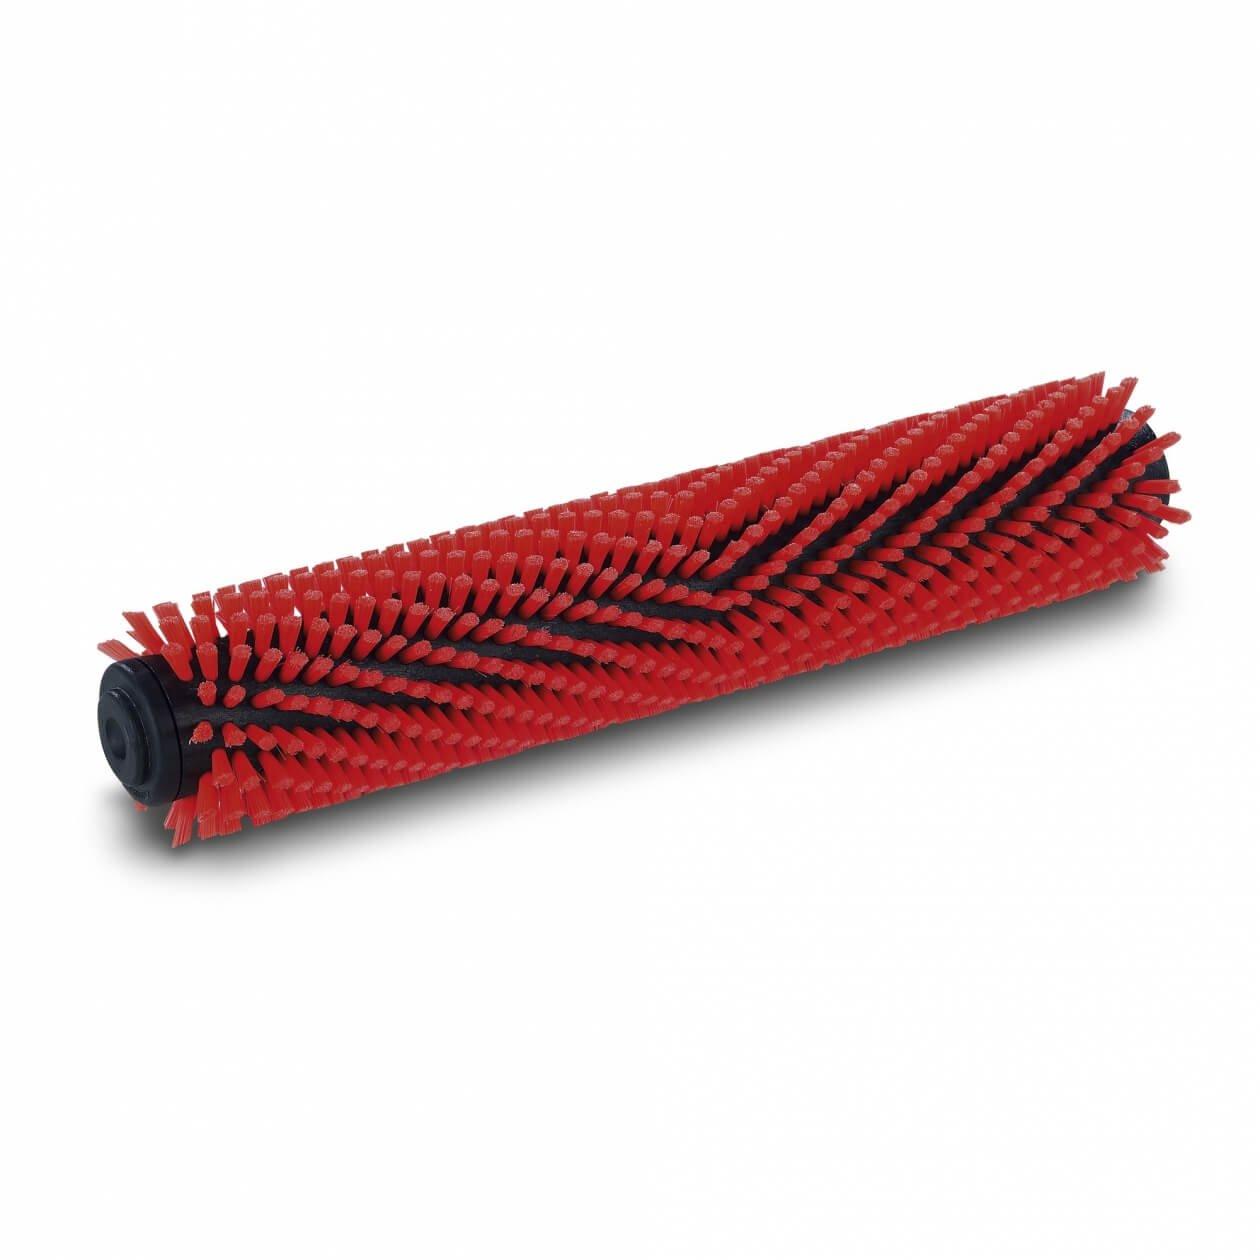 Kärcher, børstevalse, medium, rød, 300 mm